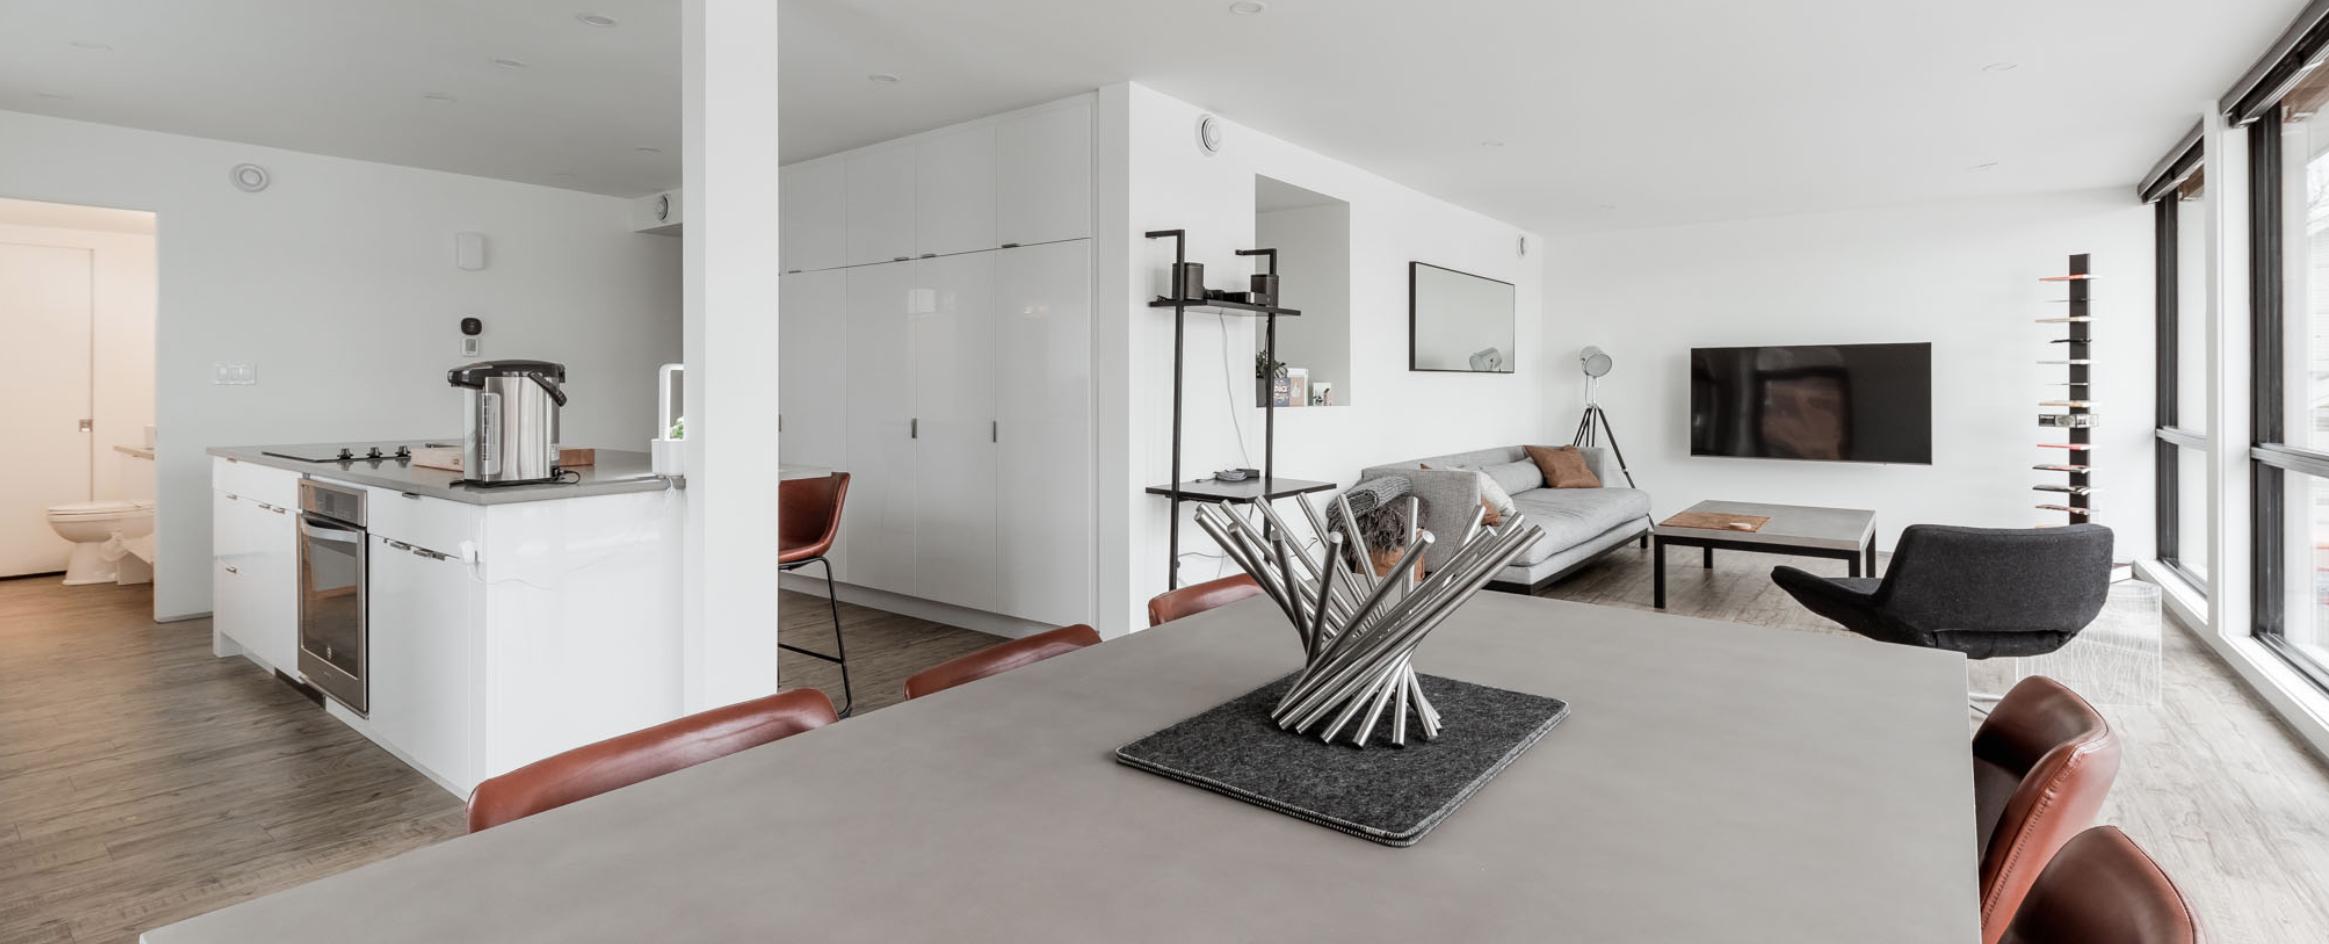 Interior modular home